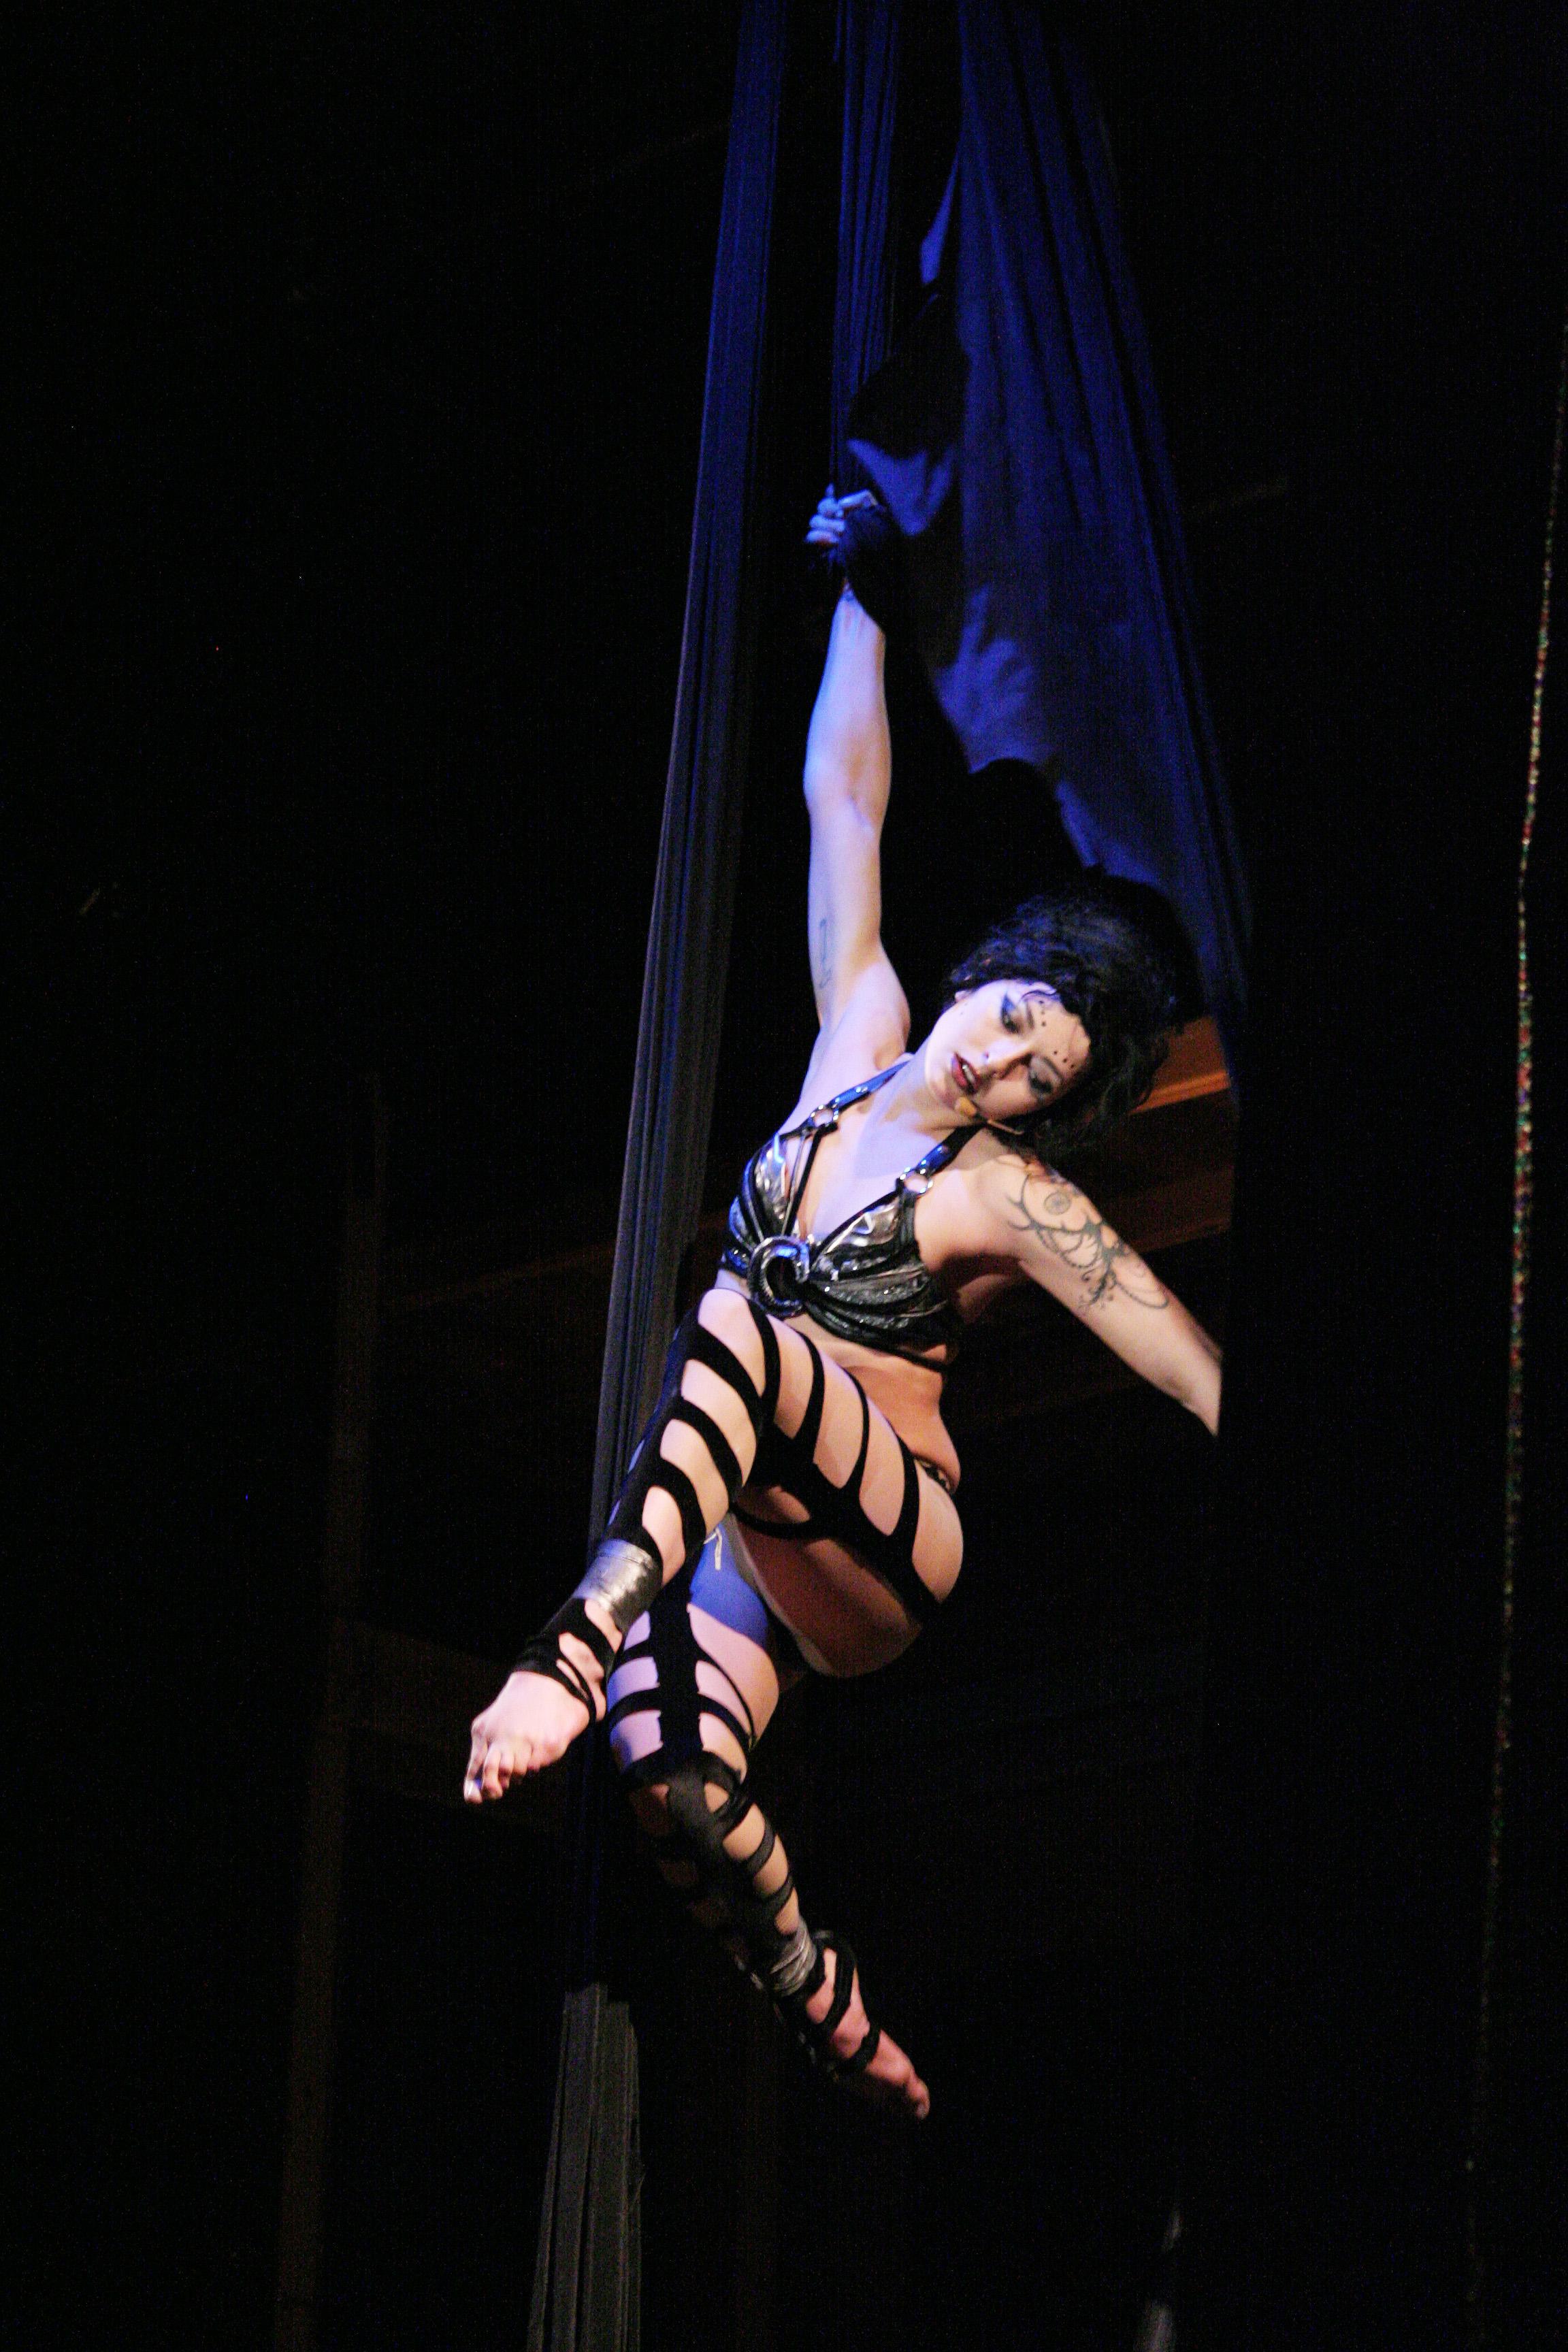 запрета пытались голые в цирке онлайн грудь попка означает